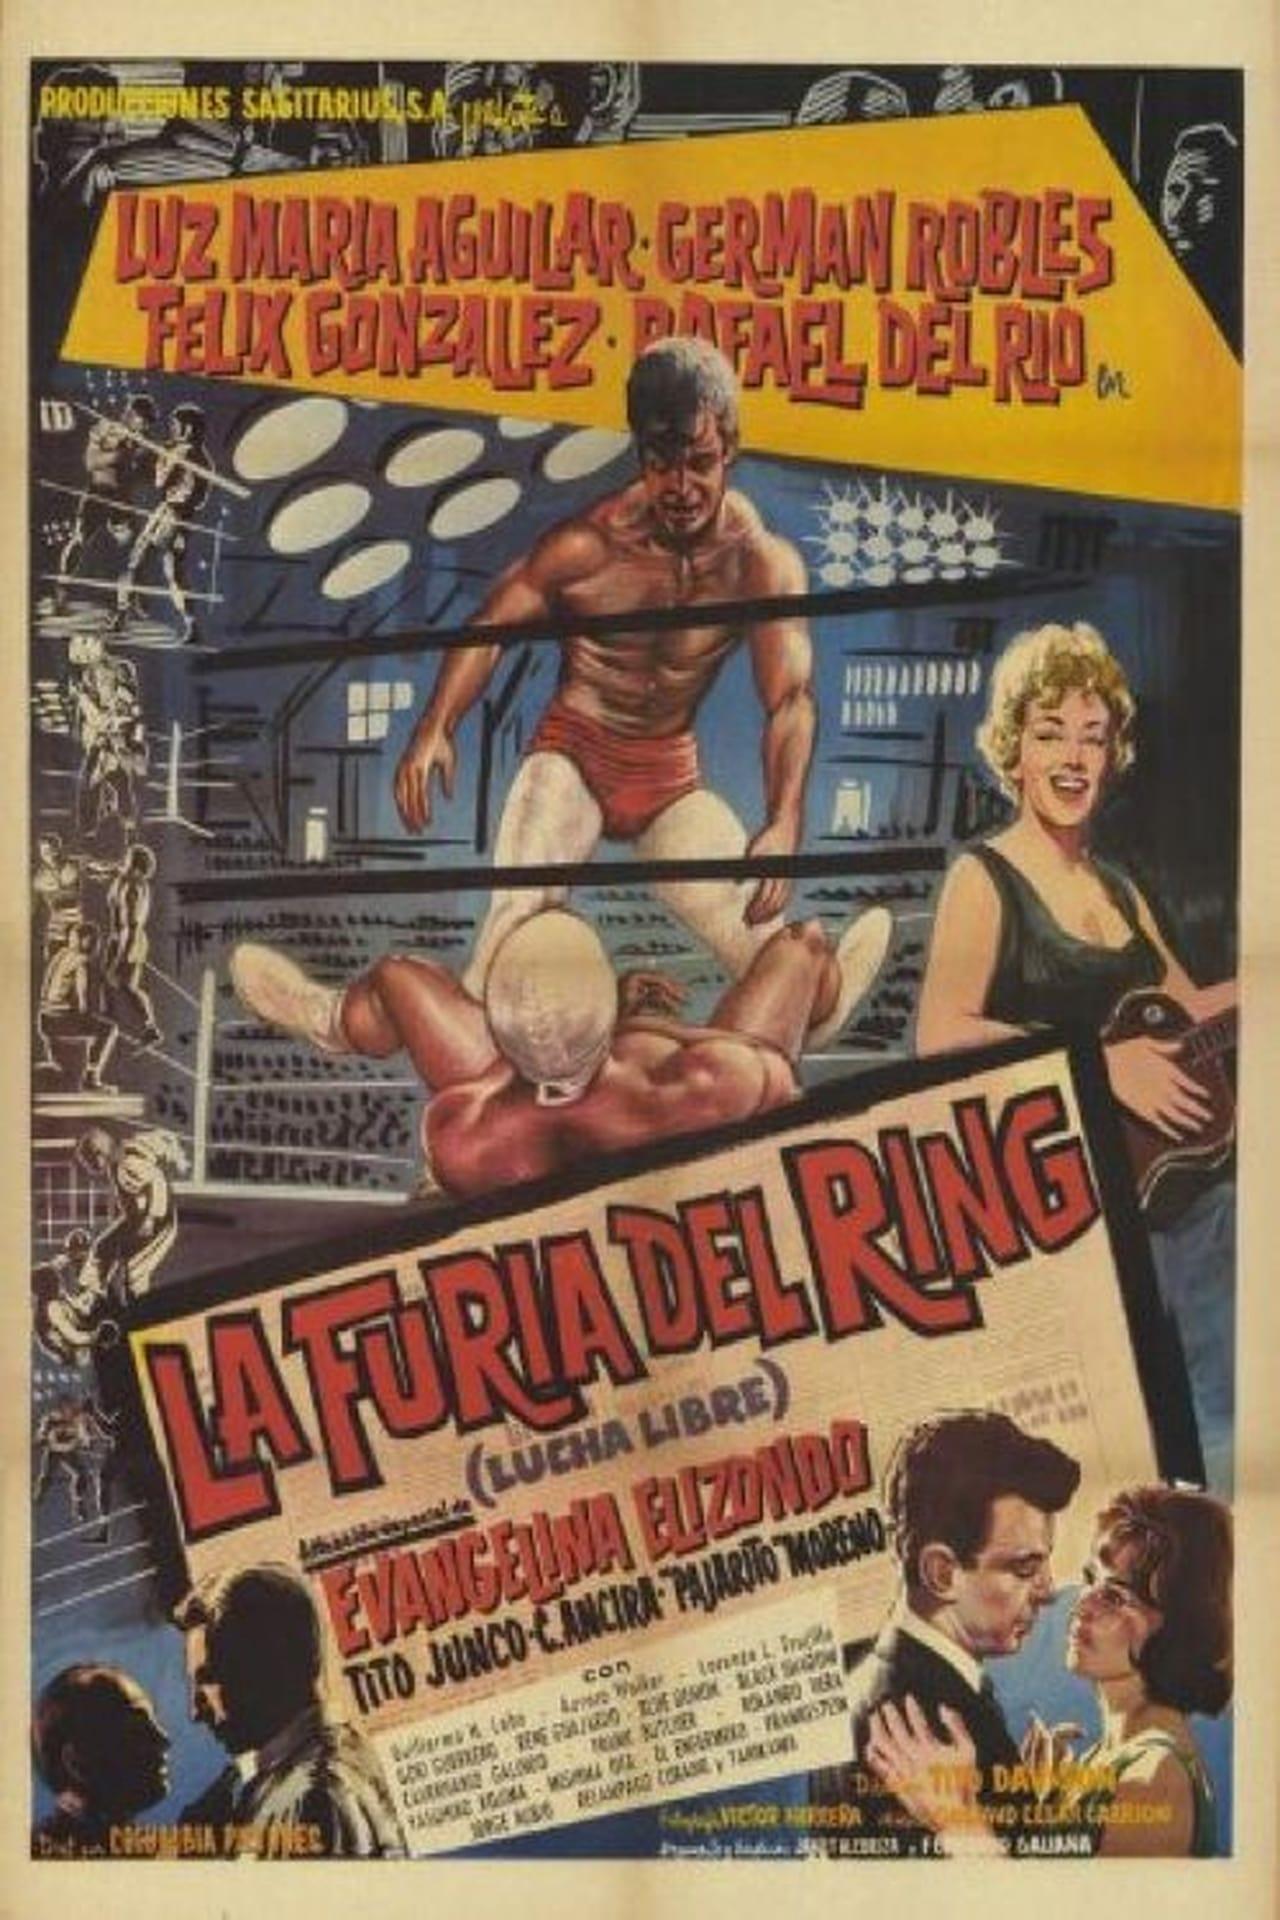 La furia del ring